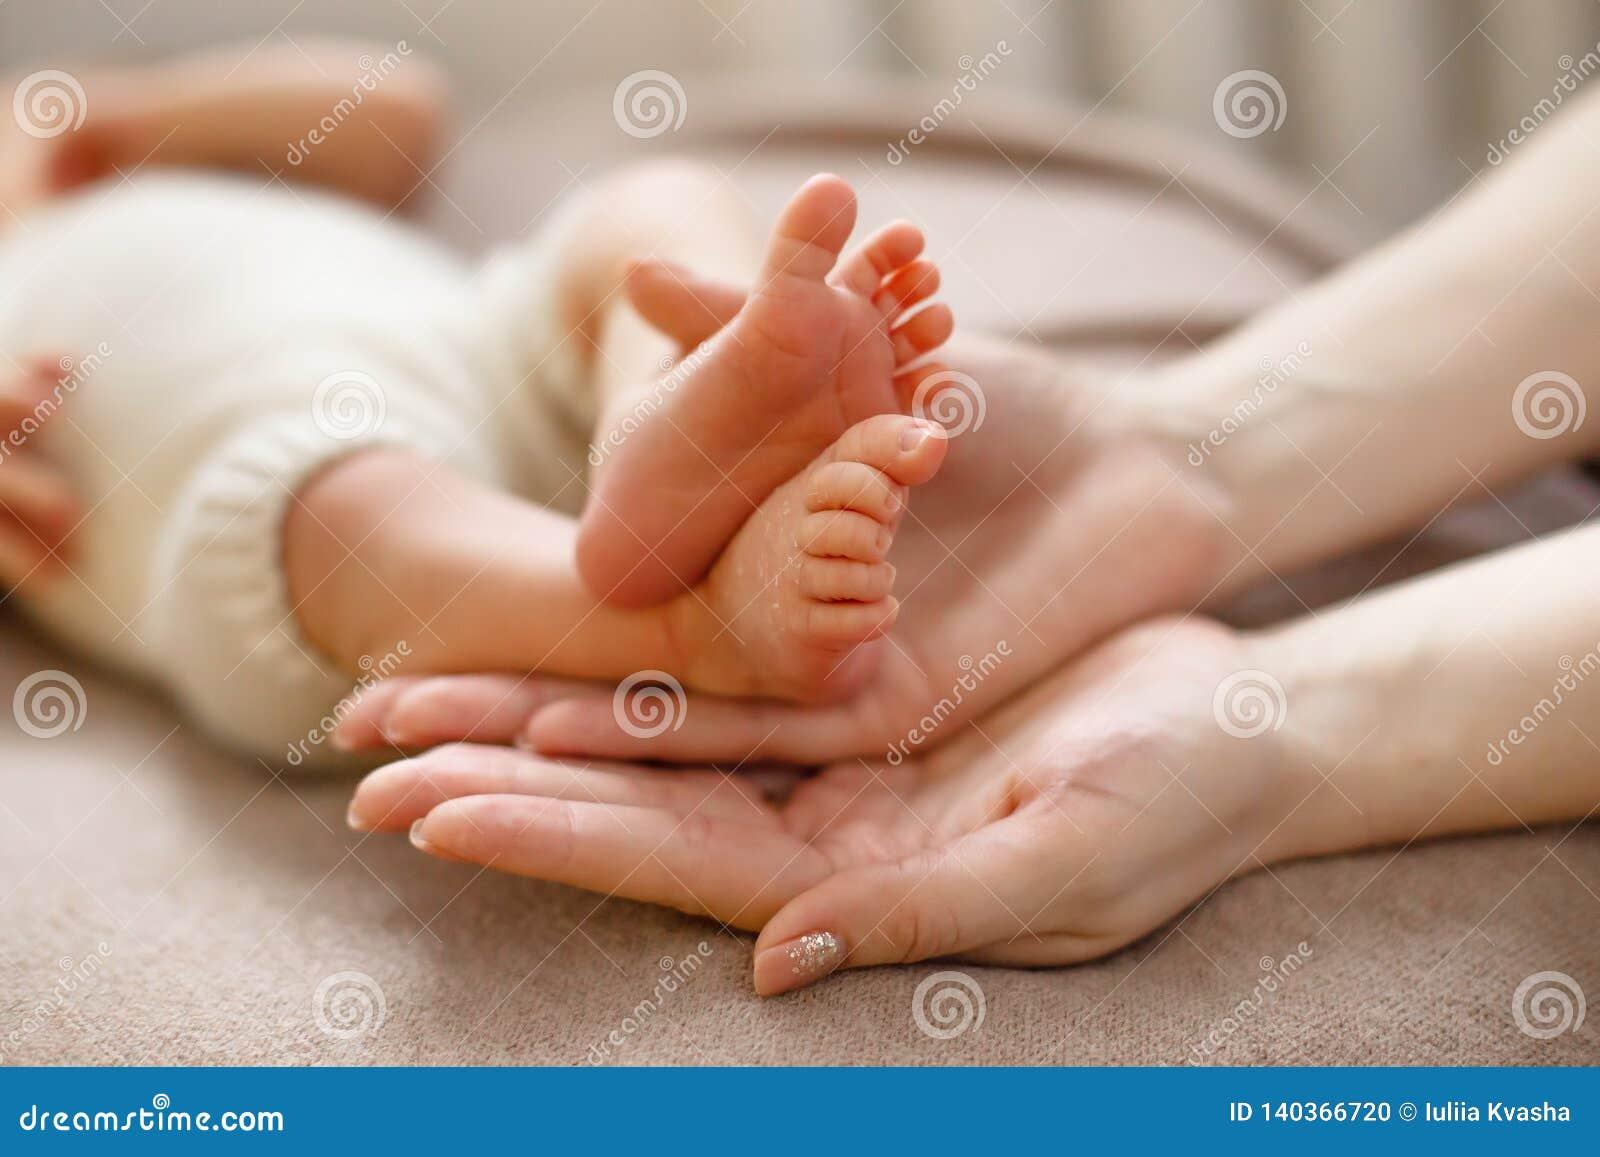 Babyvoeten in moedershanden die tot een kom worden gevormd Verzacht vage achtergrond van de voeten en de hielen van pasgeboren